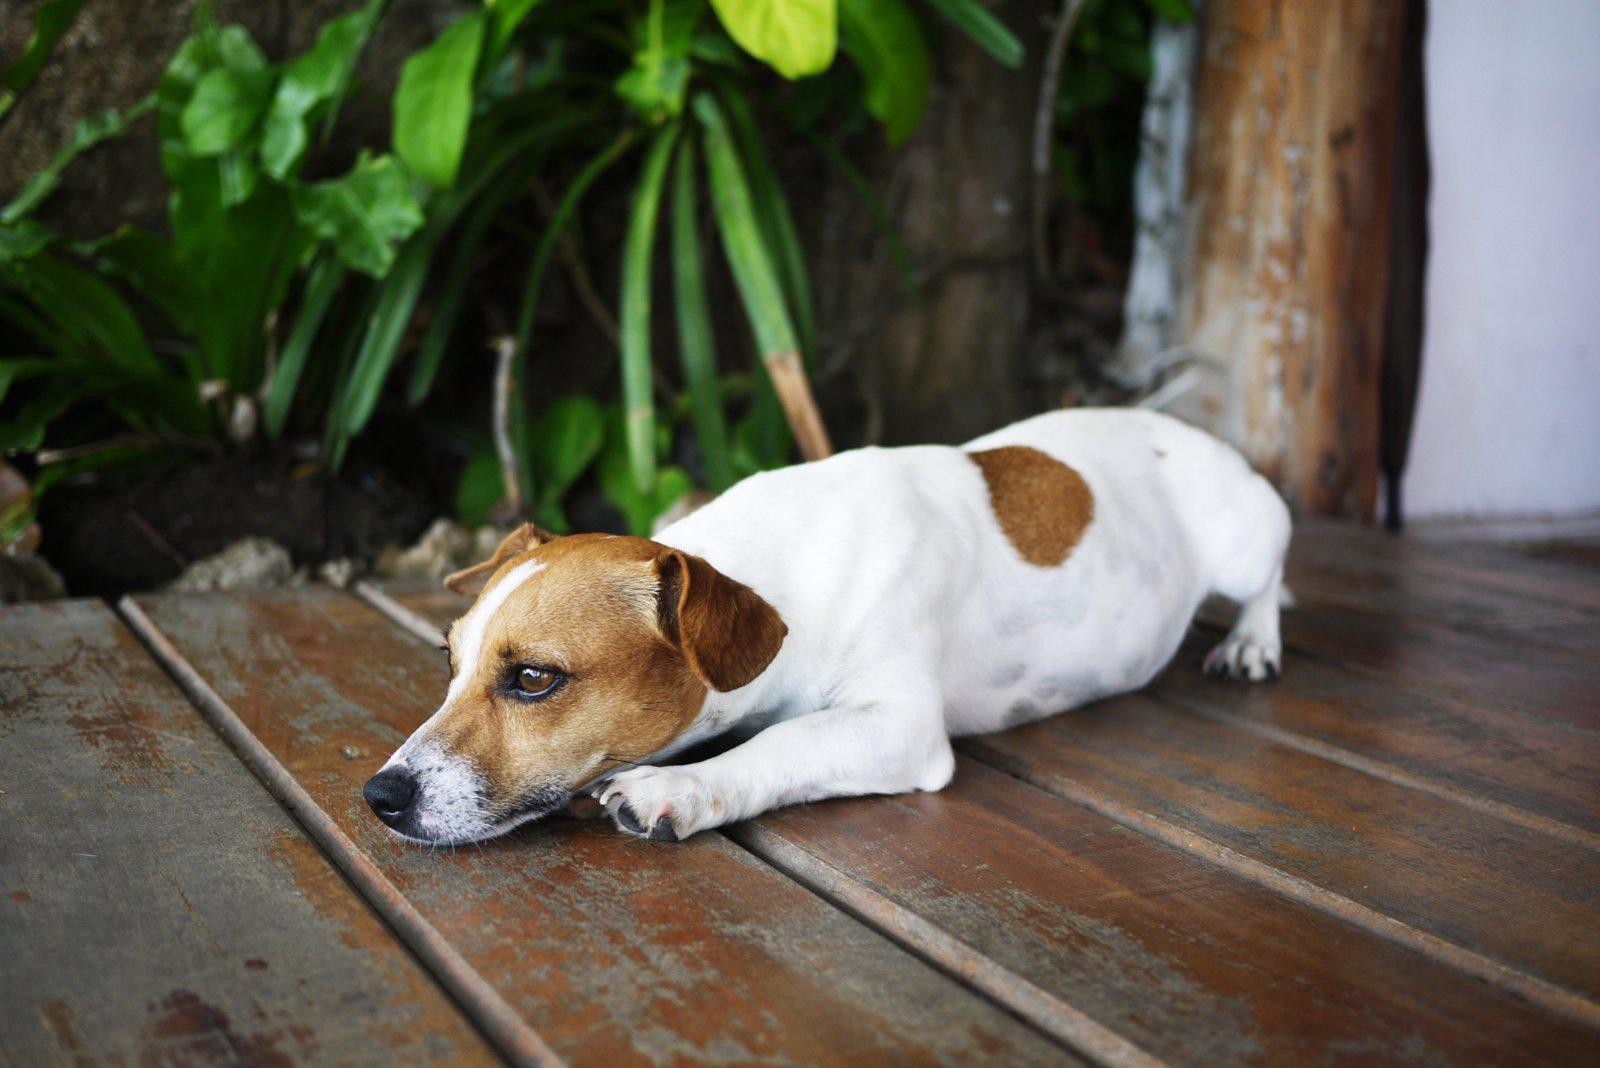 Įspėja augintinių šeimininkus: vasaros karščiai gyvūnams gali būti mirtinai pavojingi